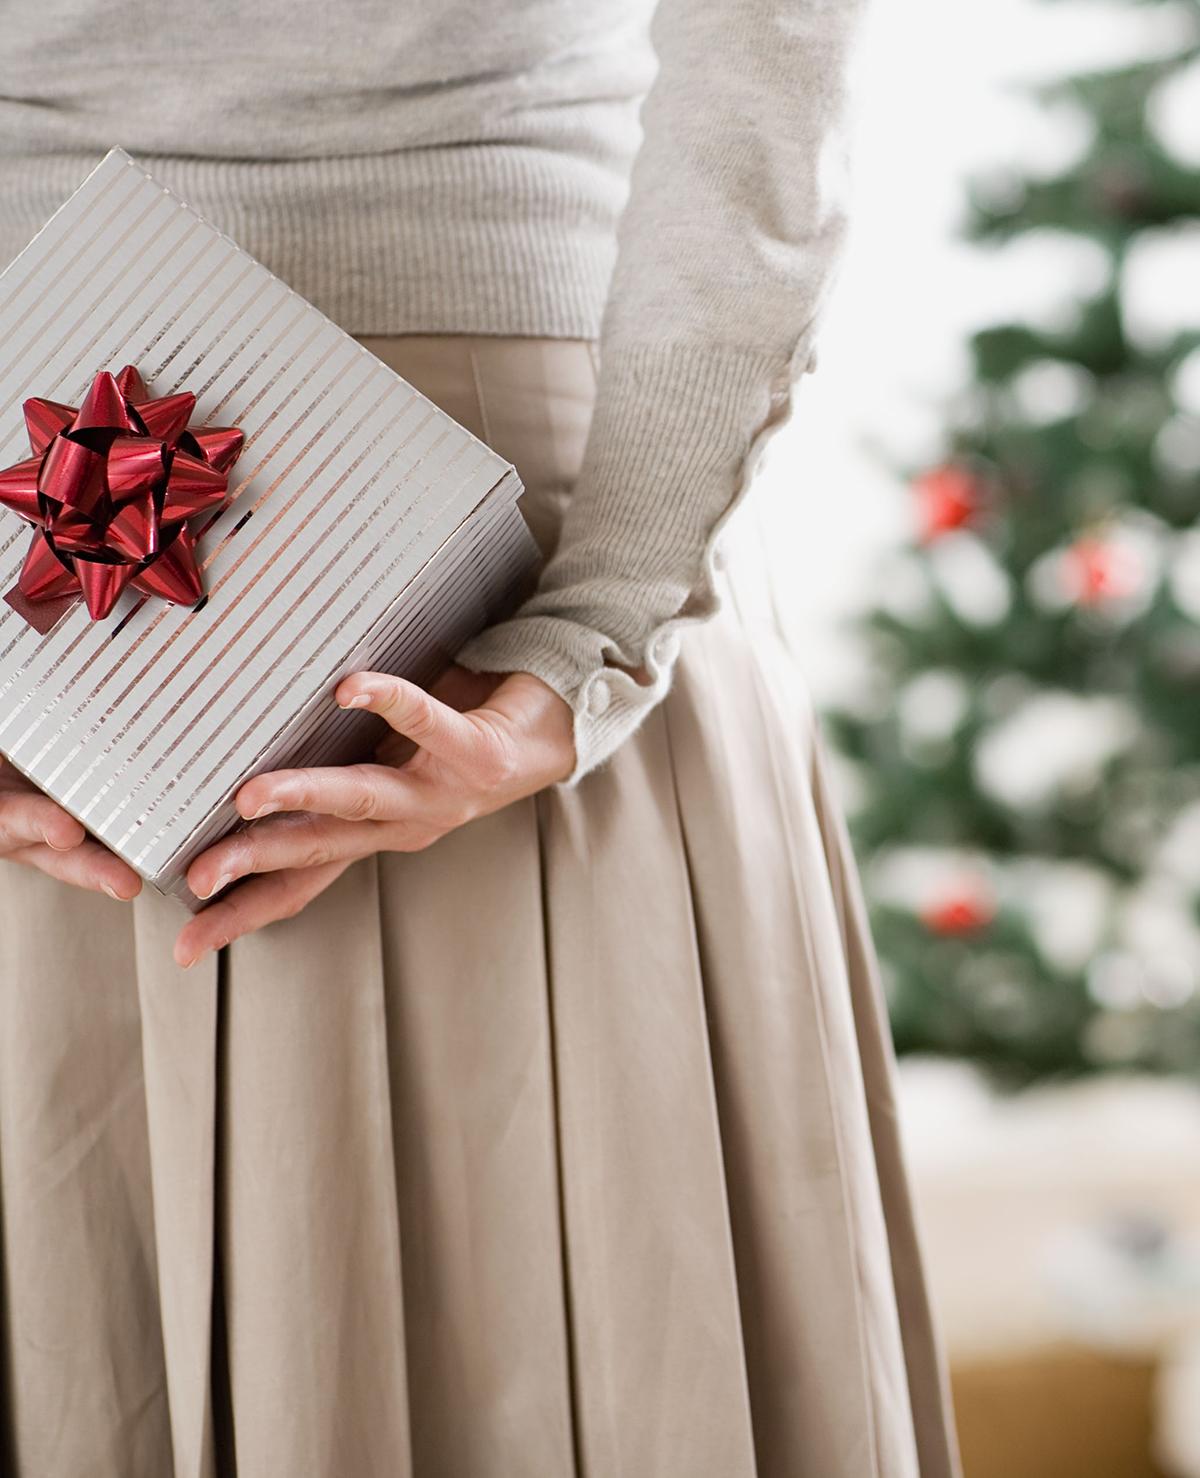 Heb jij al een cadeaulijst?